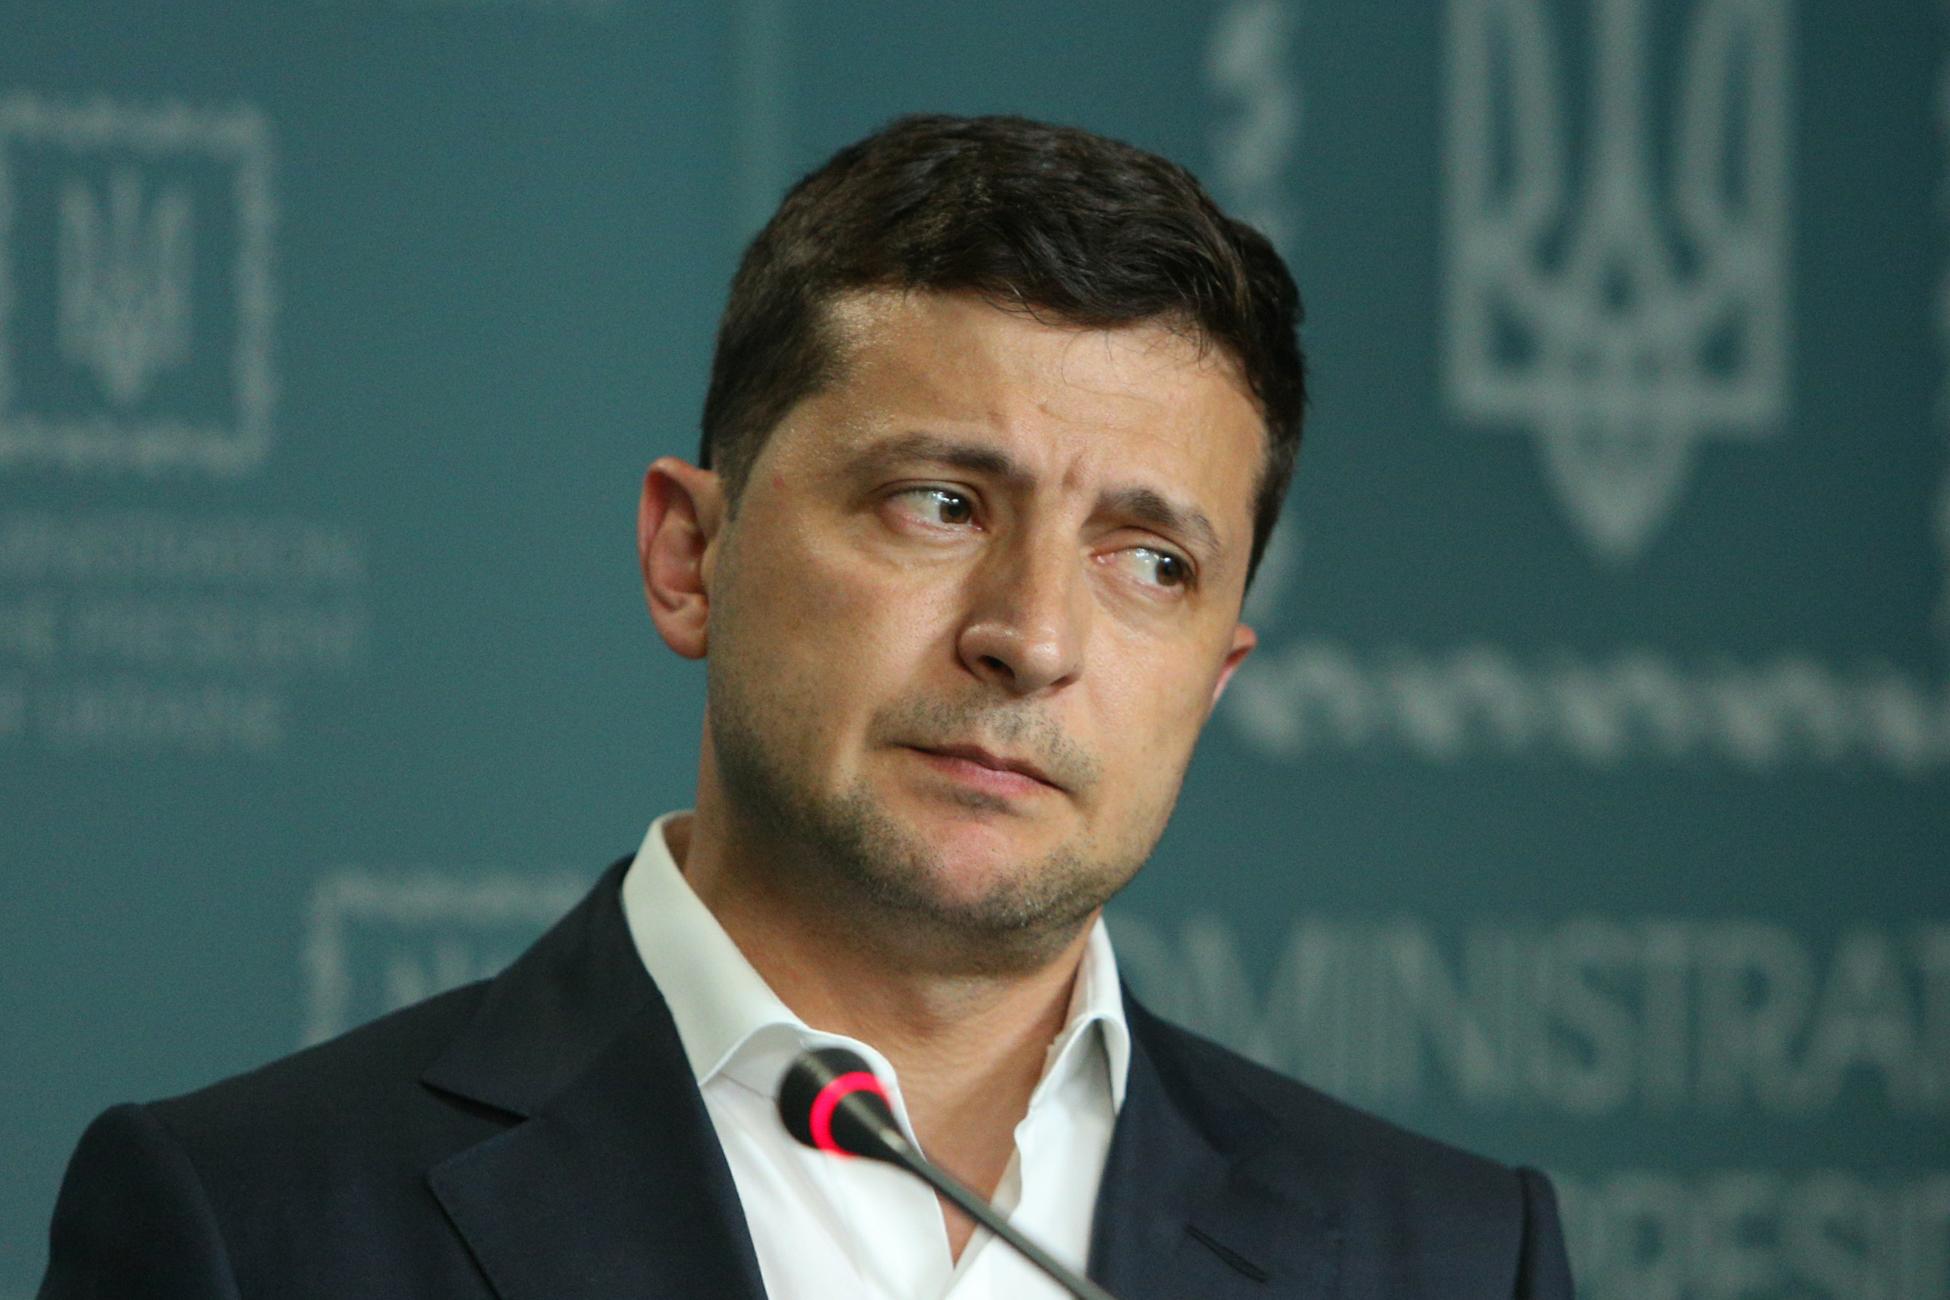 Зеленский выразил надежду на дальнейшее сотрудничество с МВФ